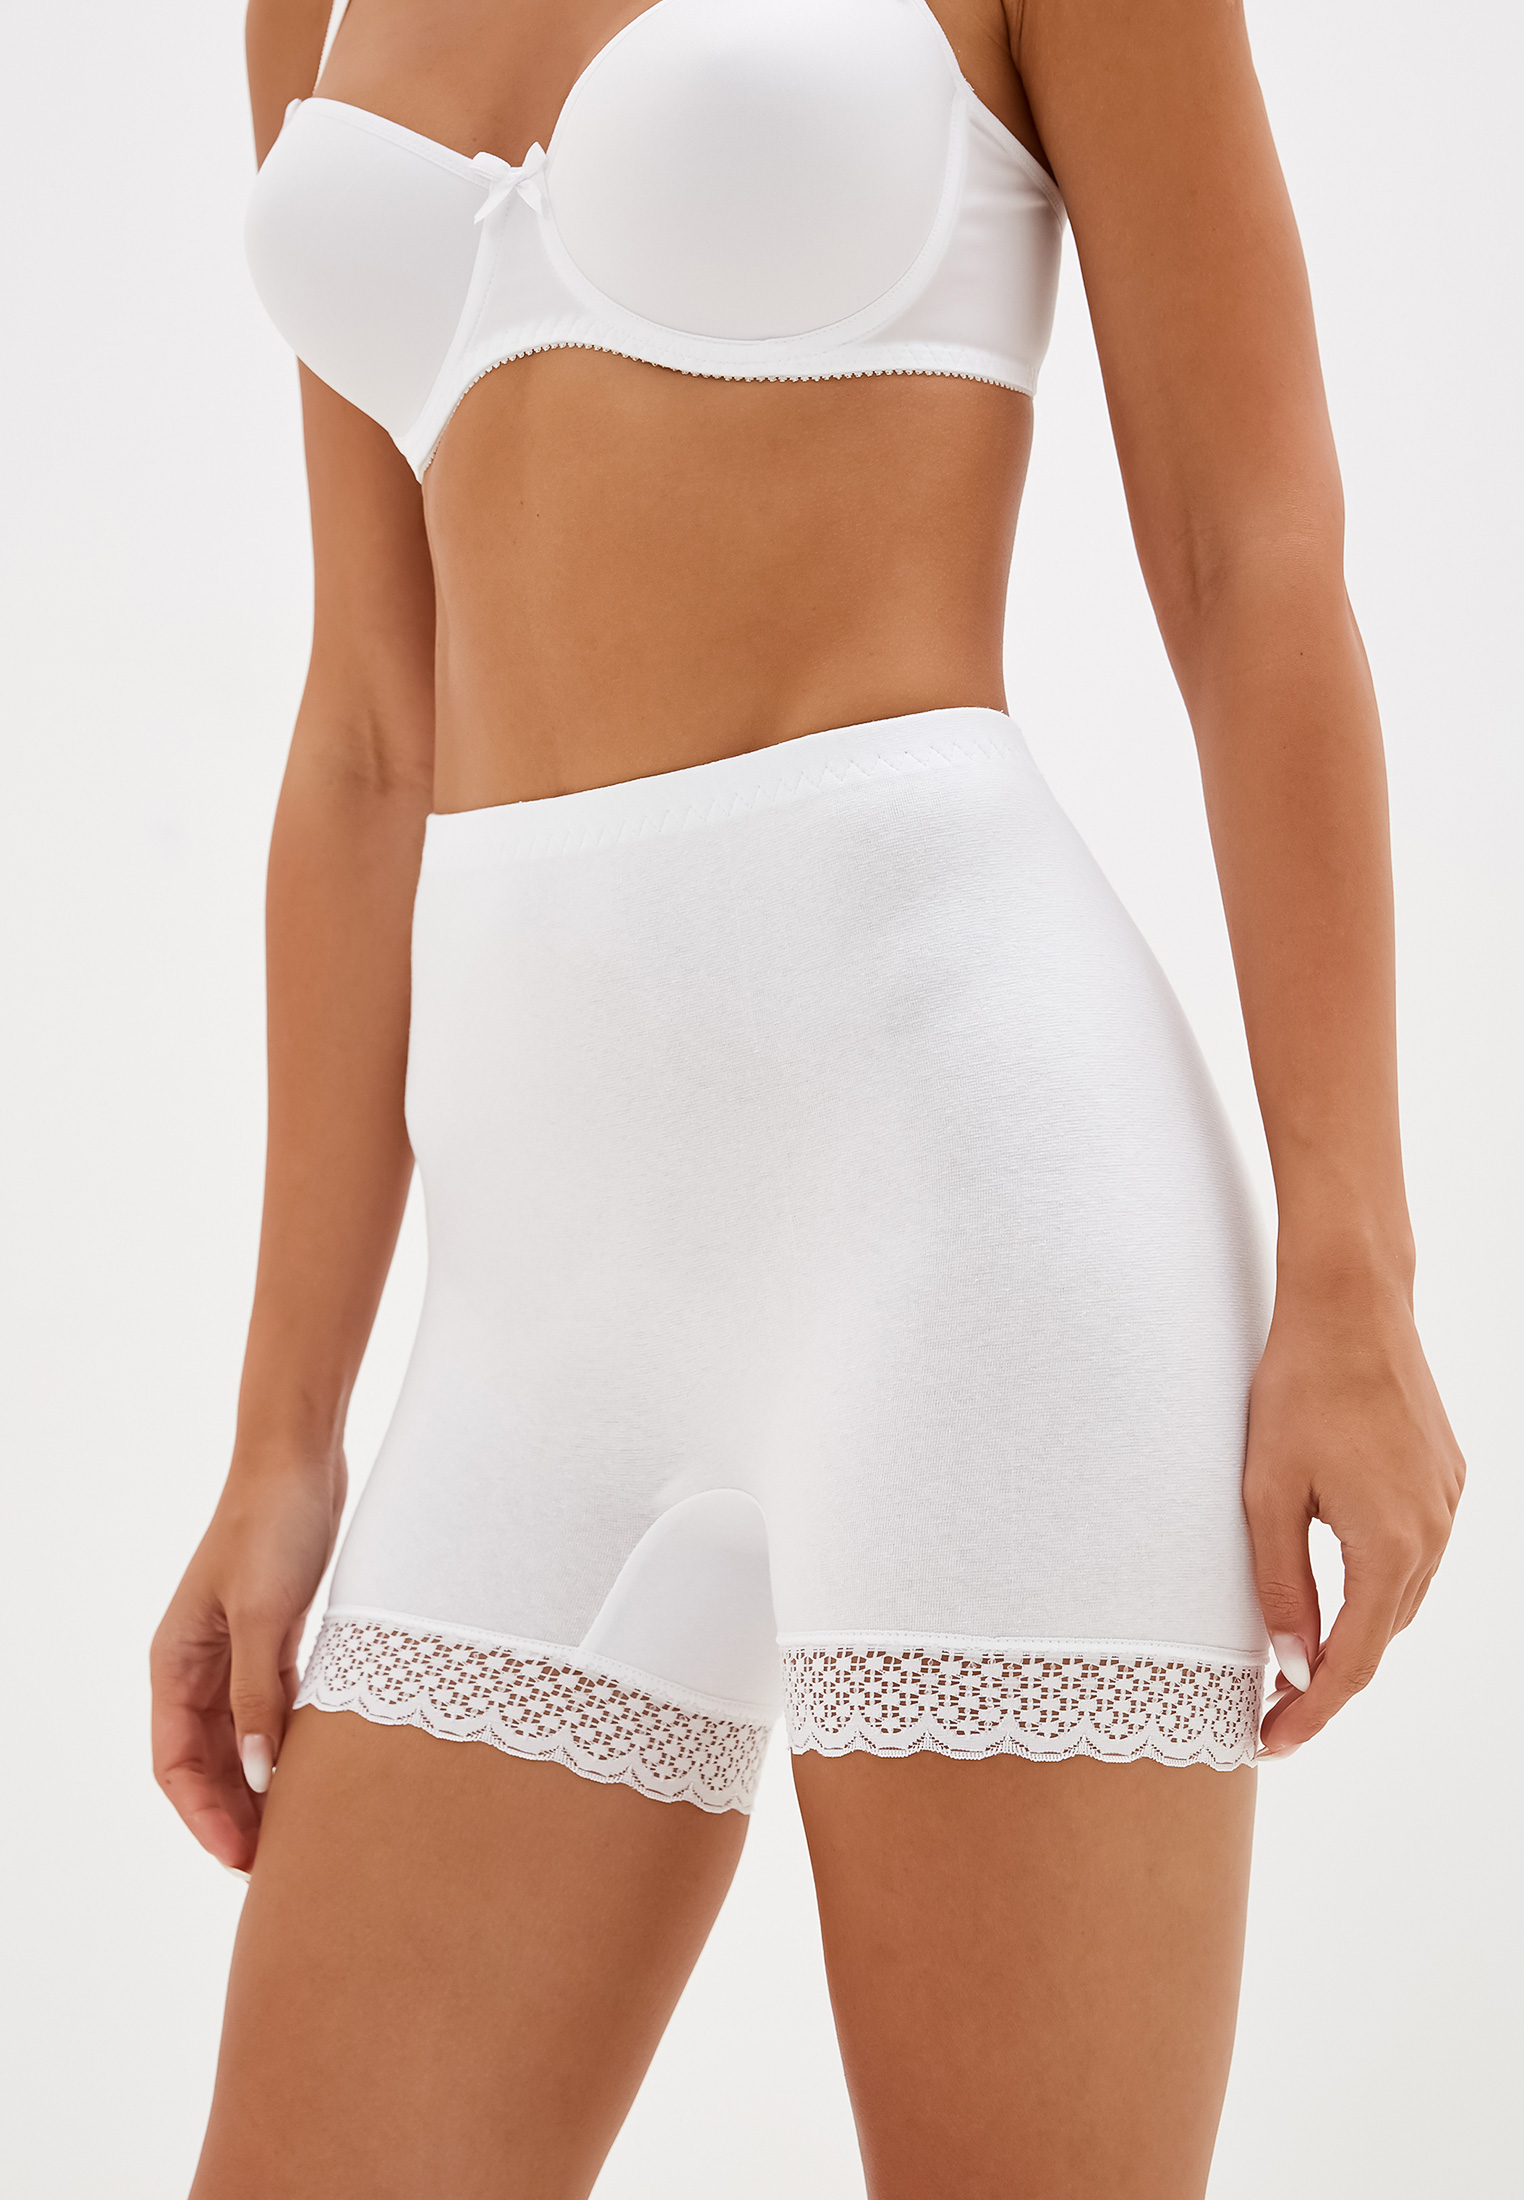 Панталоны женские НОВОЕ ВРЕМЯ T013 белые 60 RU